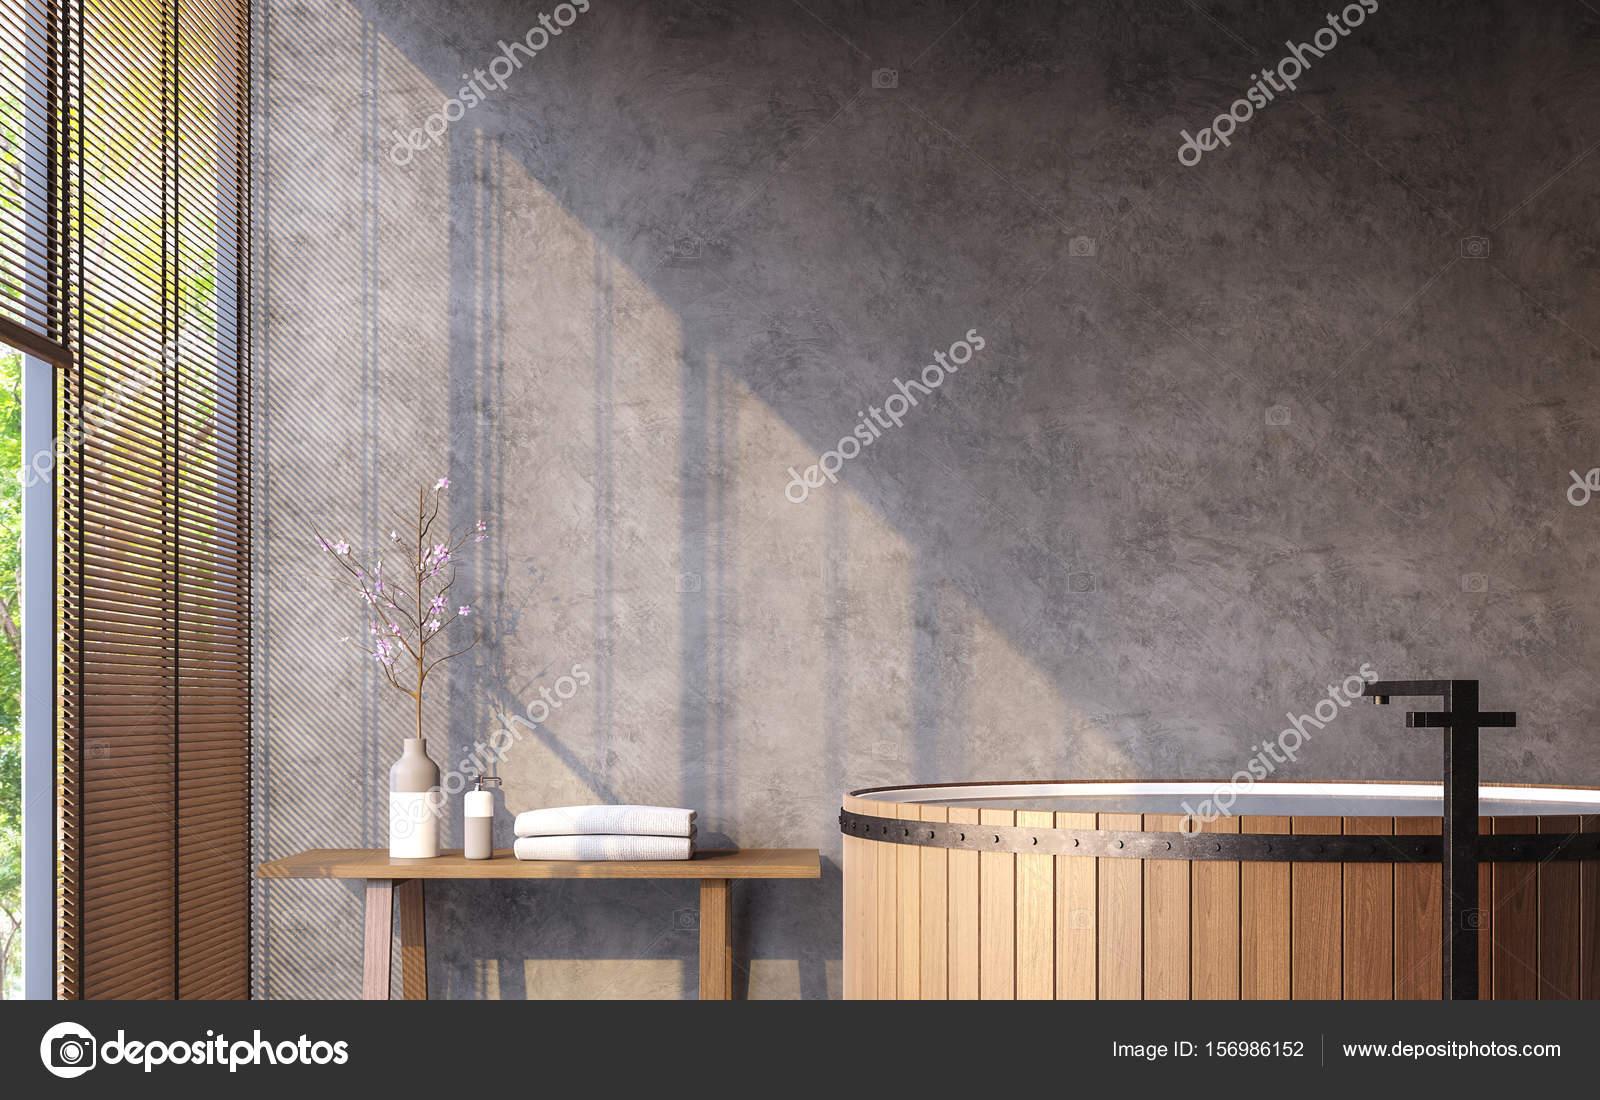 Loft Stil Badezimmer Mit Natur View 3d Rendering Bild Möbliert Mit Holz  Badewanne Hat Betonwände Und Große Fenstern Mit Blick Auf Natur U2014 Foto Von  Onzon